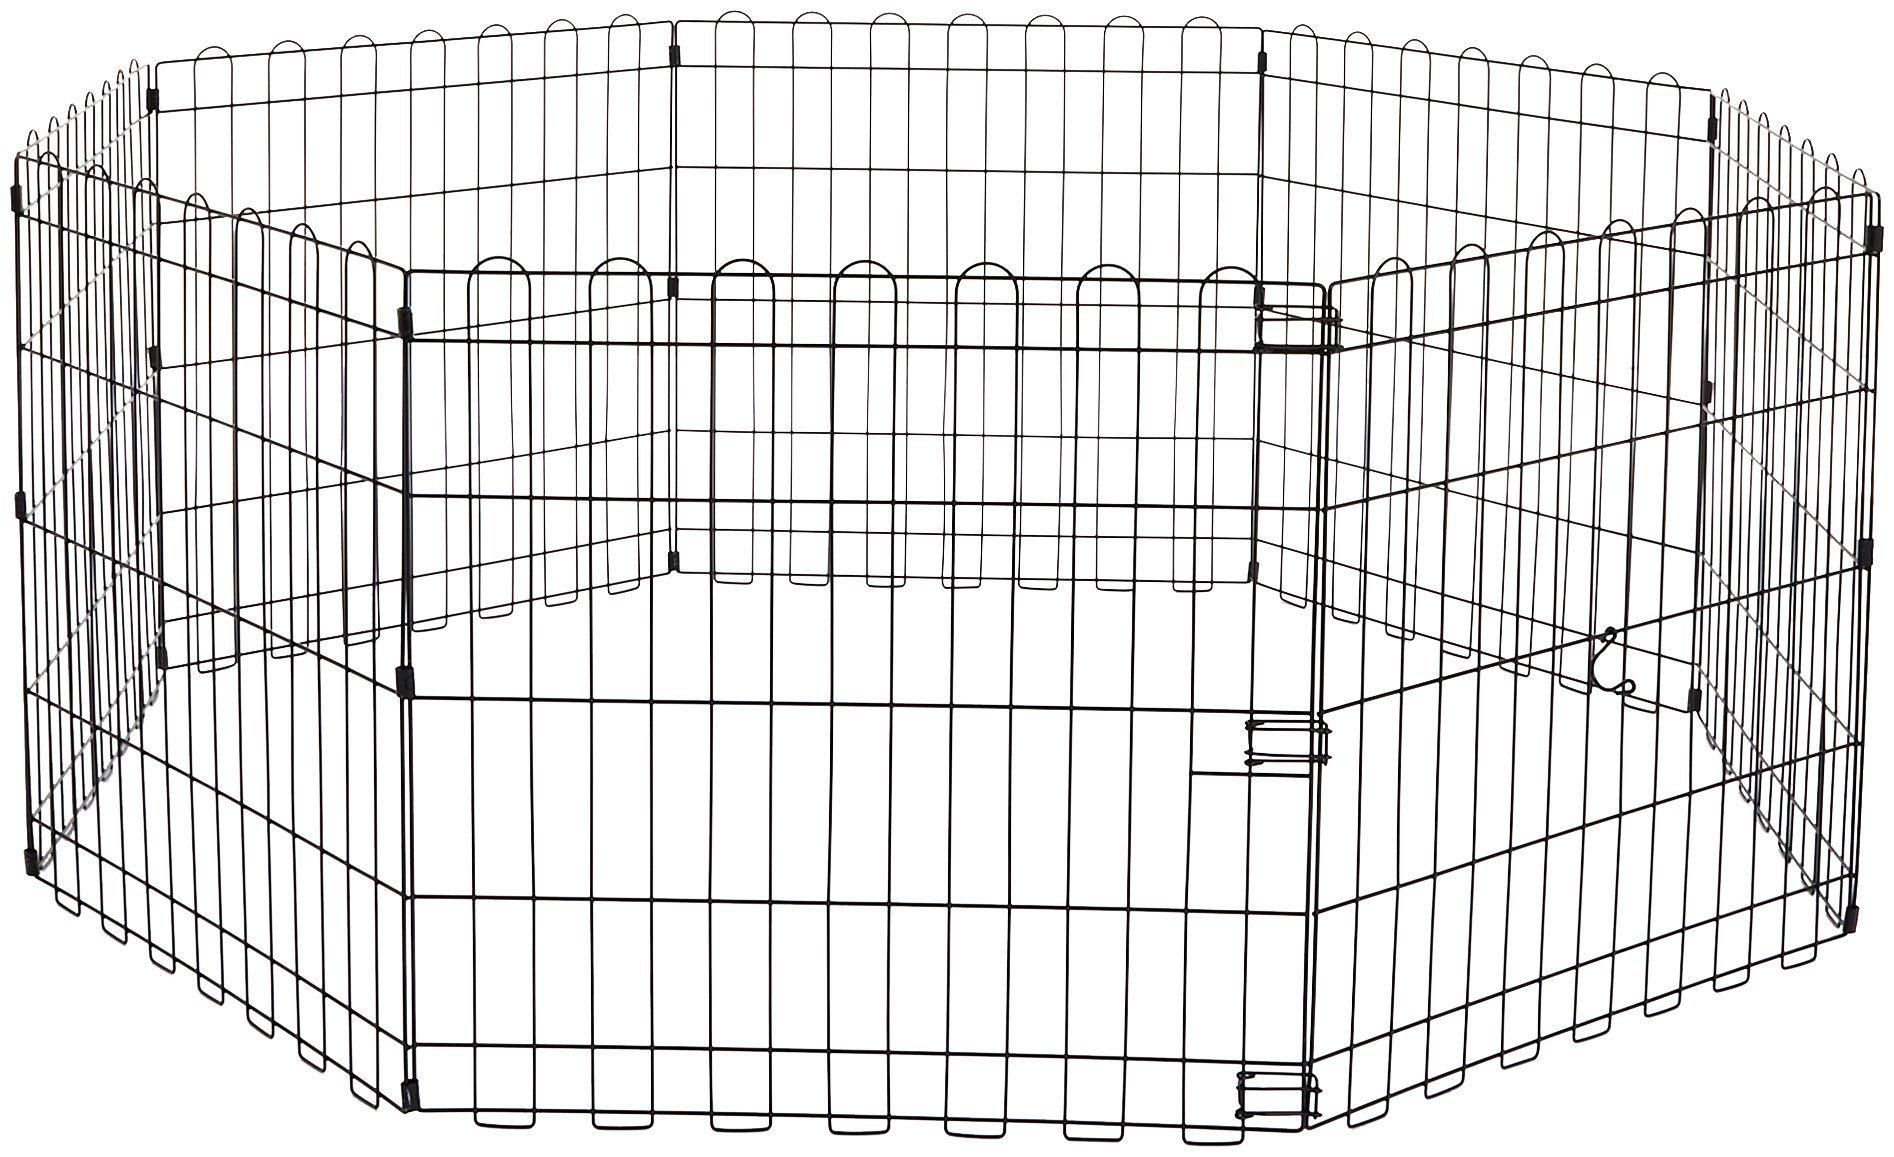 AmazonBasics Foldable Metal Exercise Fence